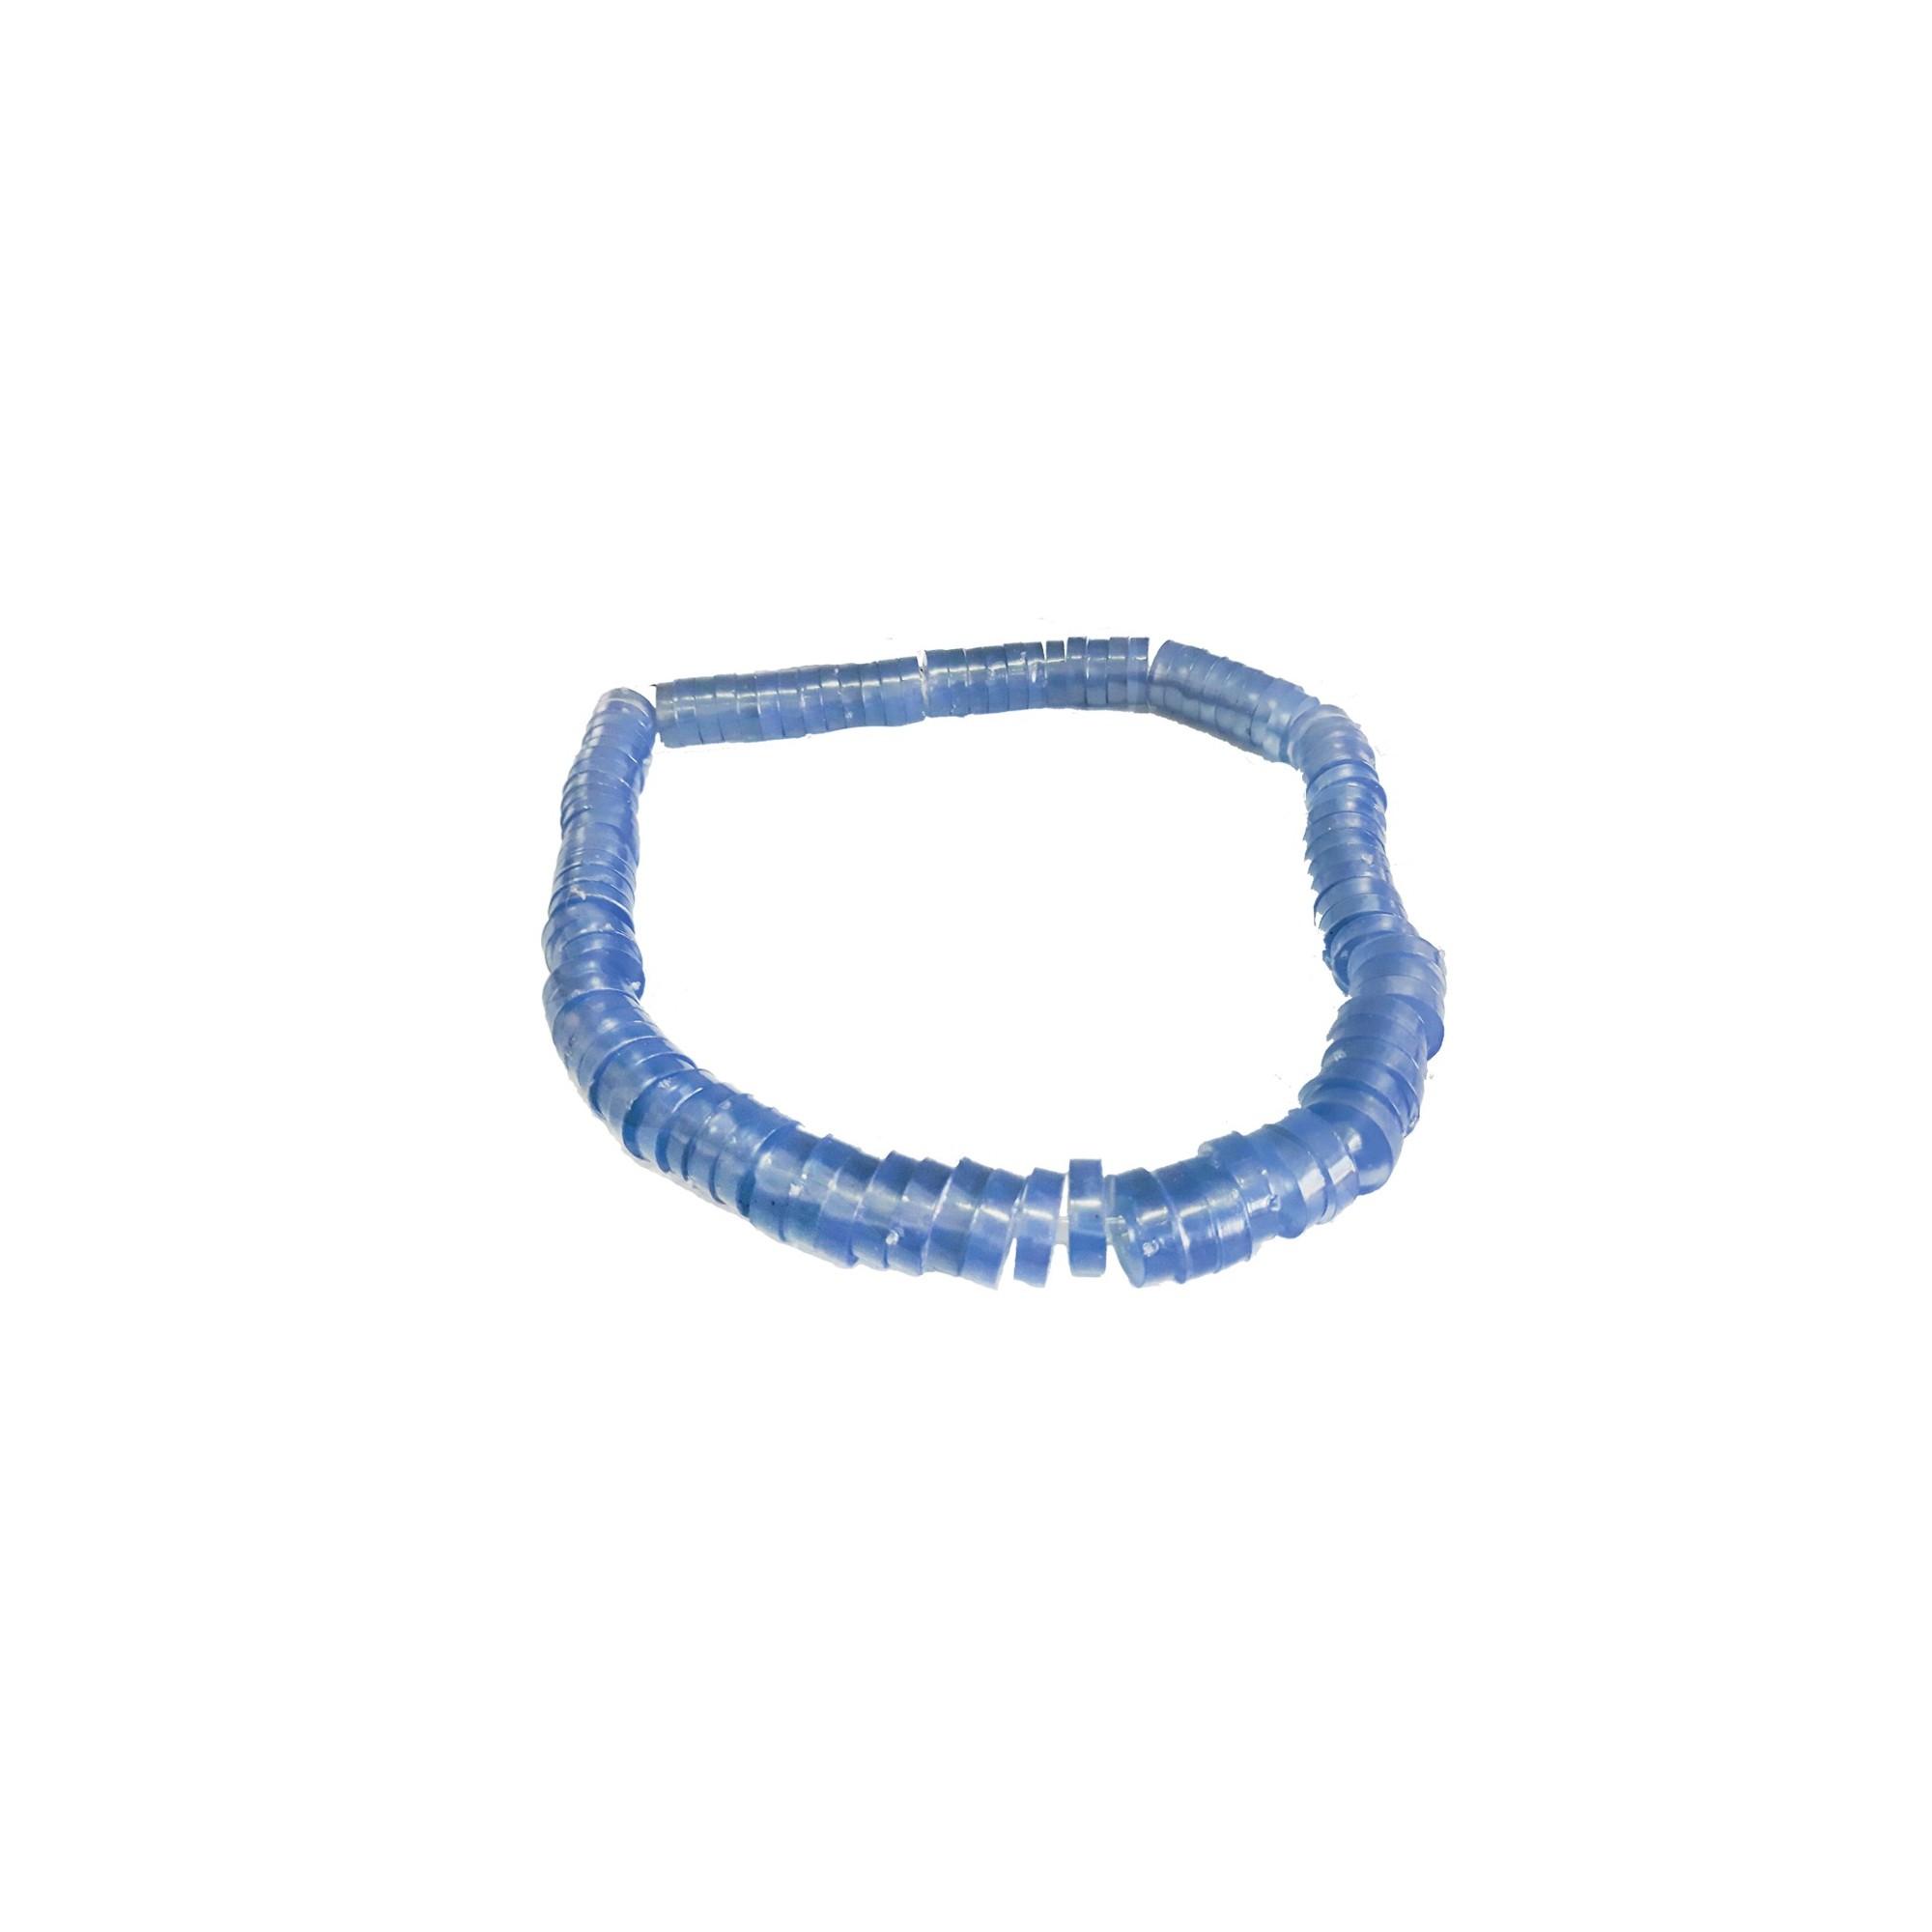 Упаковка силиконовых прокладок 100 шт таблетка импортная ПВХ J.G. - 1